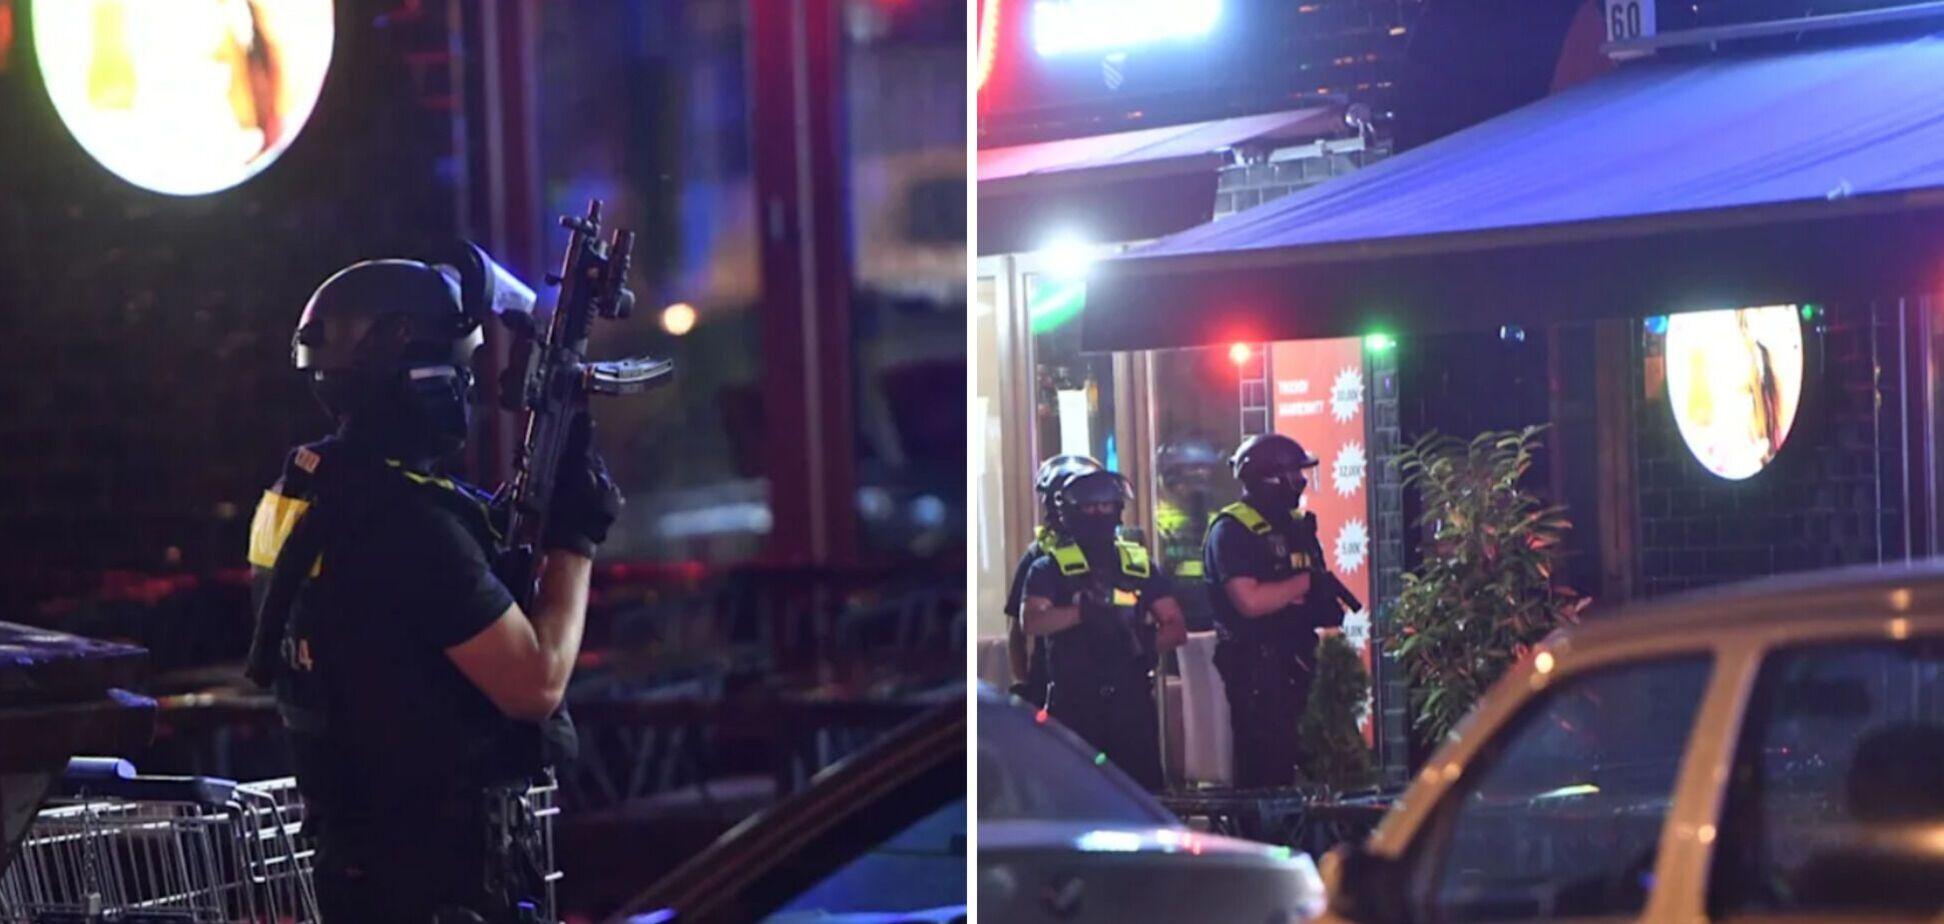 В Берлине произошла стрельба, ранены три человека. Фото